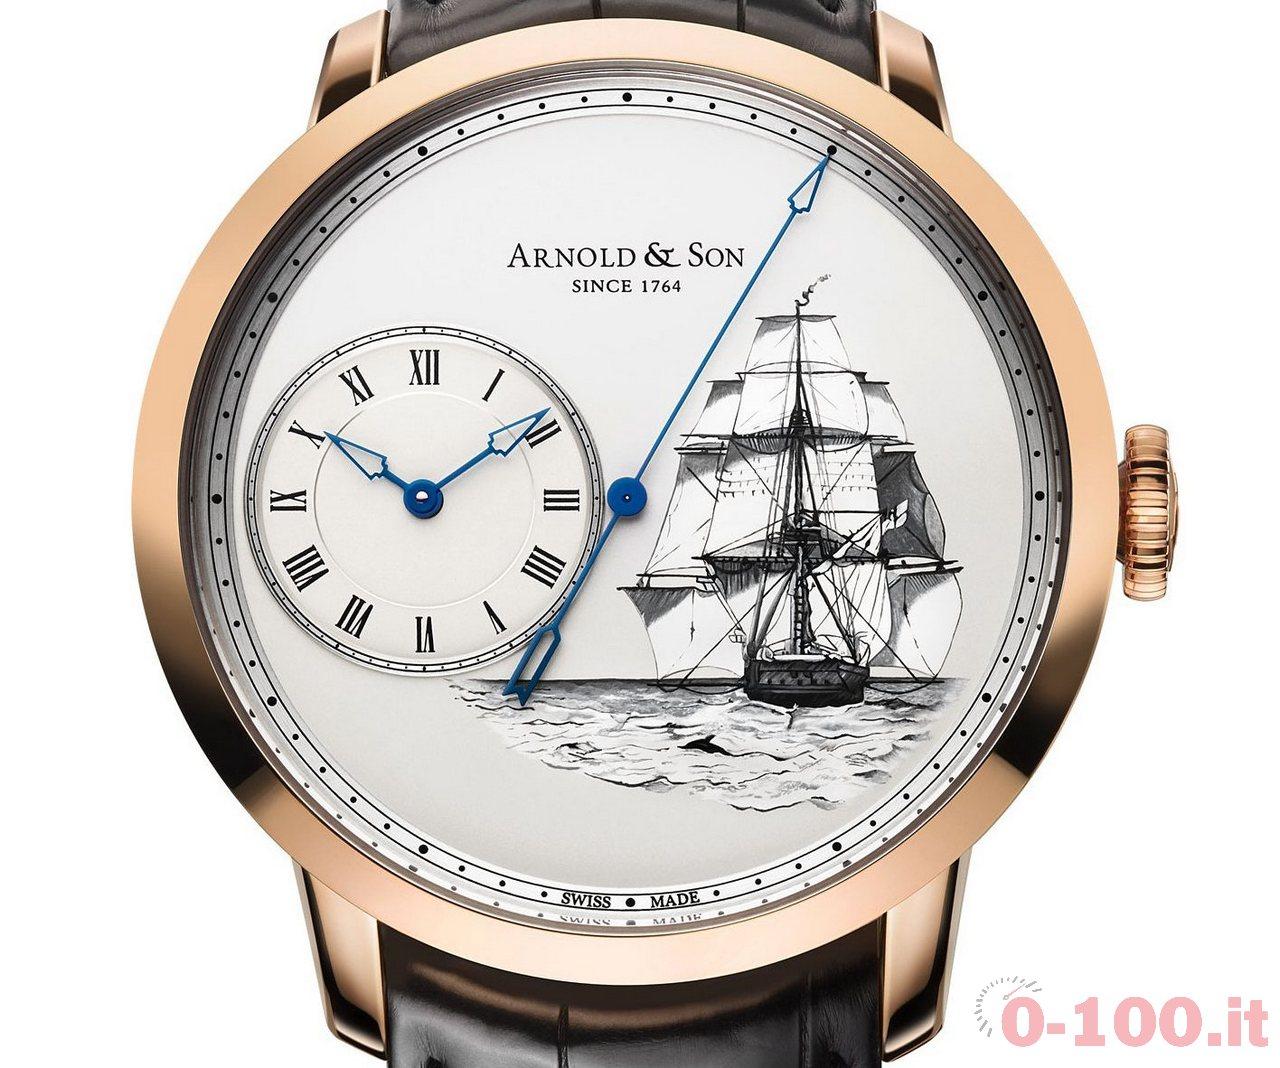 arnoldson-hms-beagle-set-0-100_4